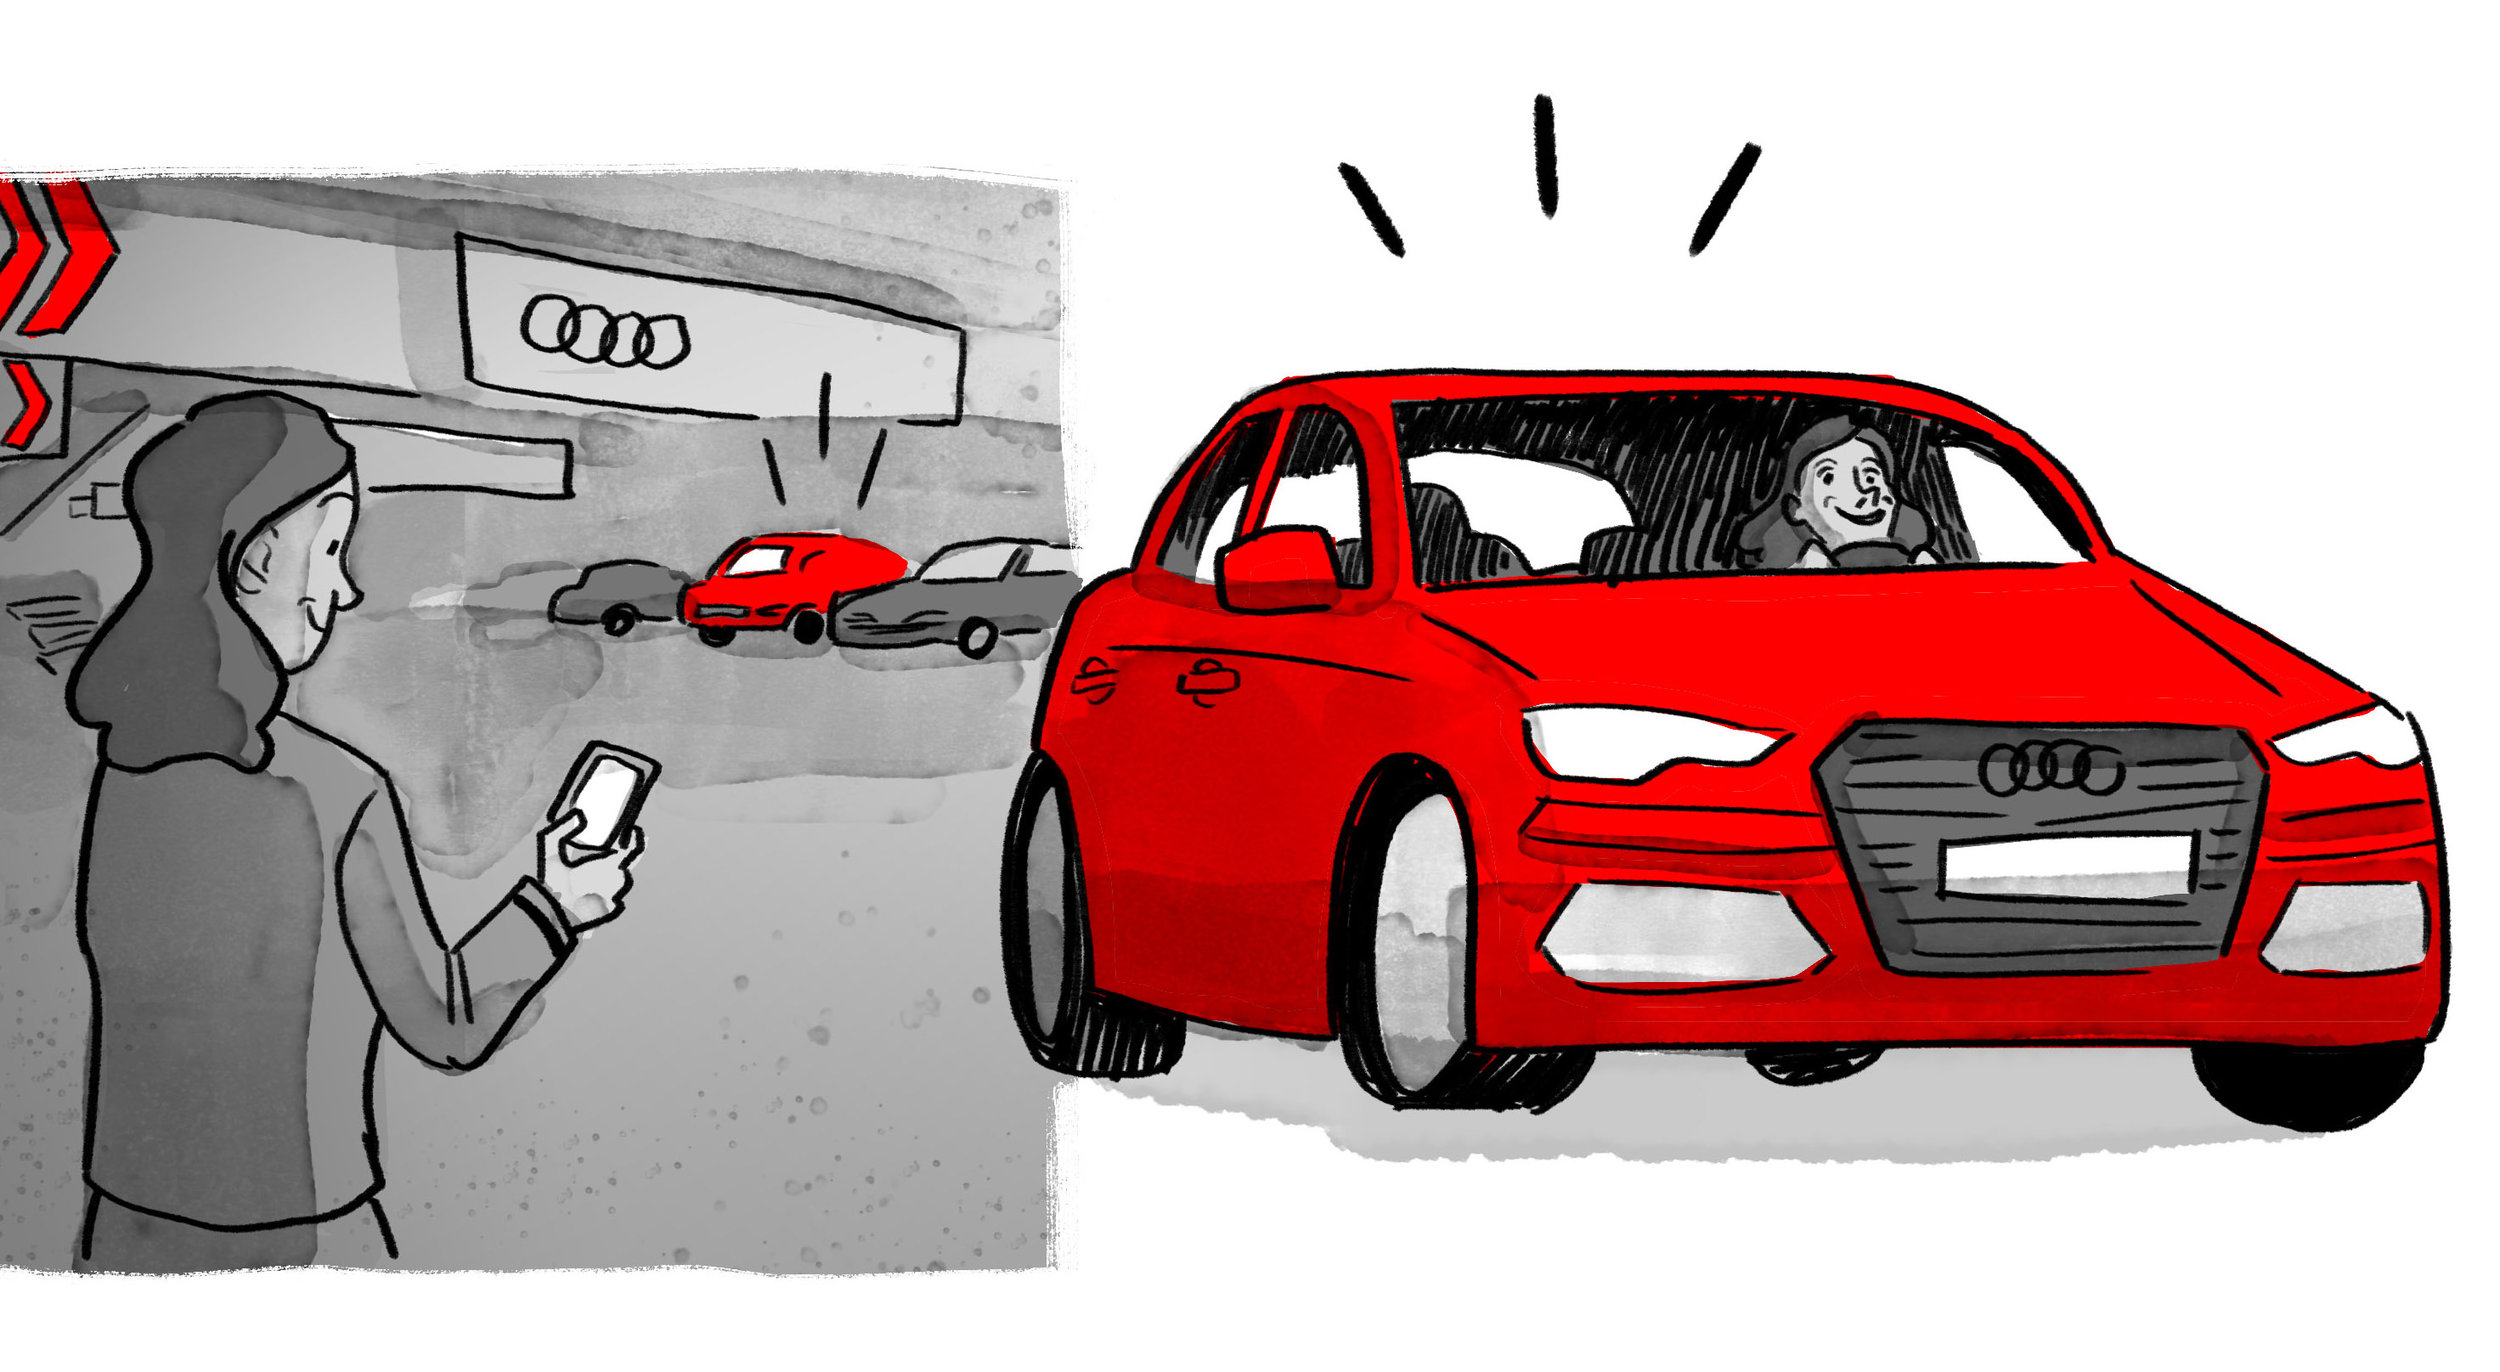 redcar.jpg